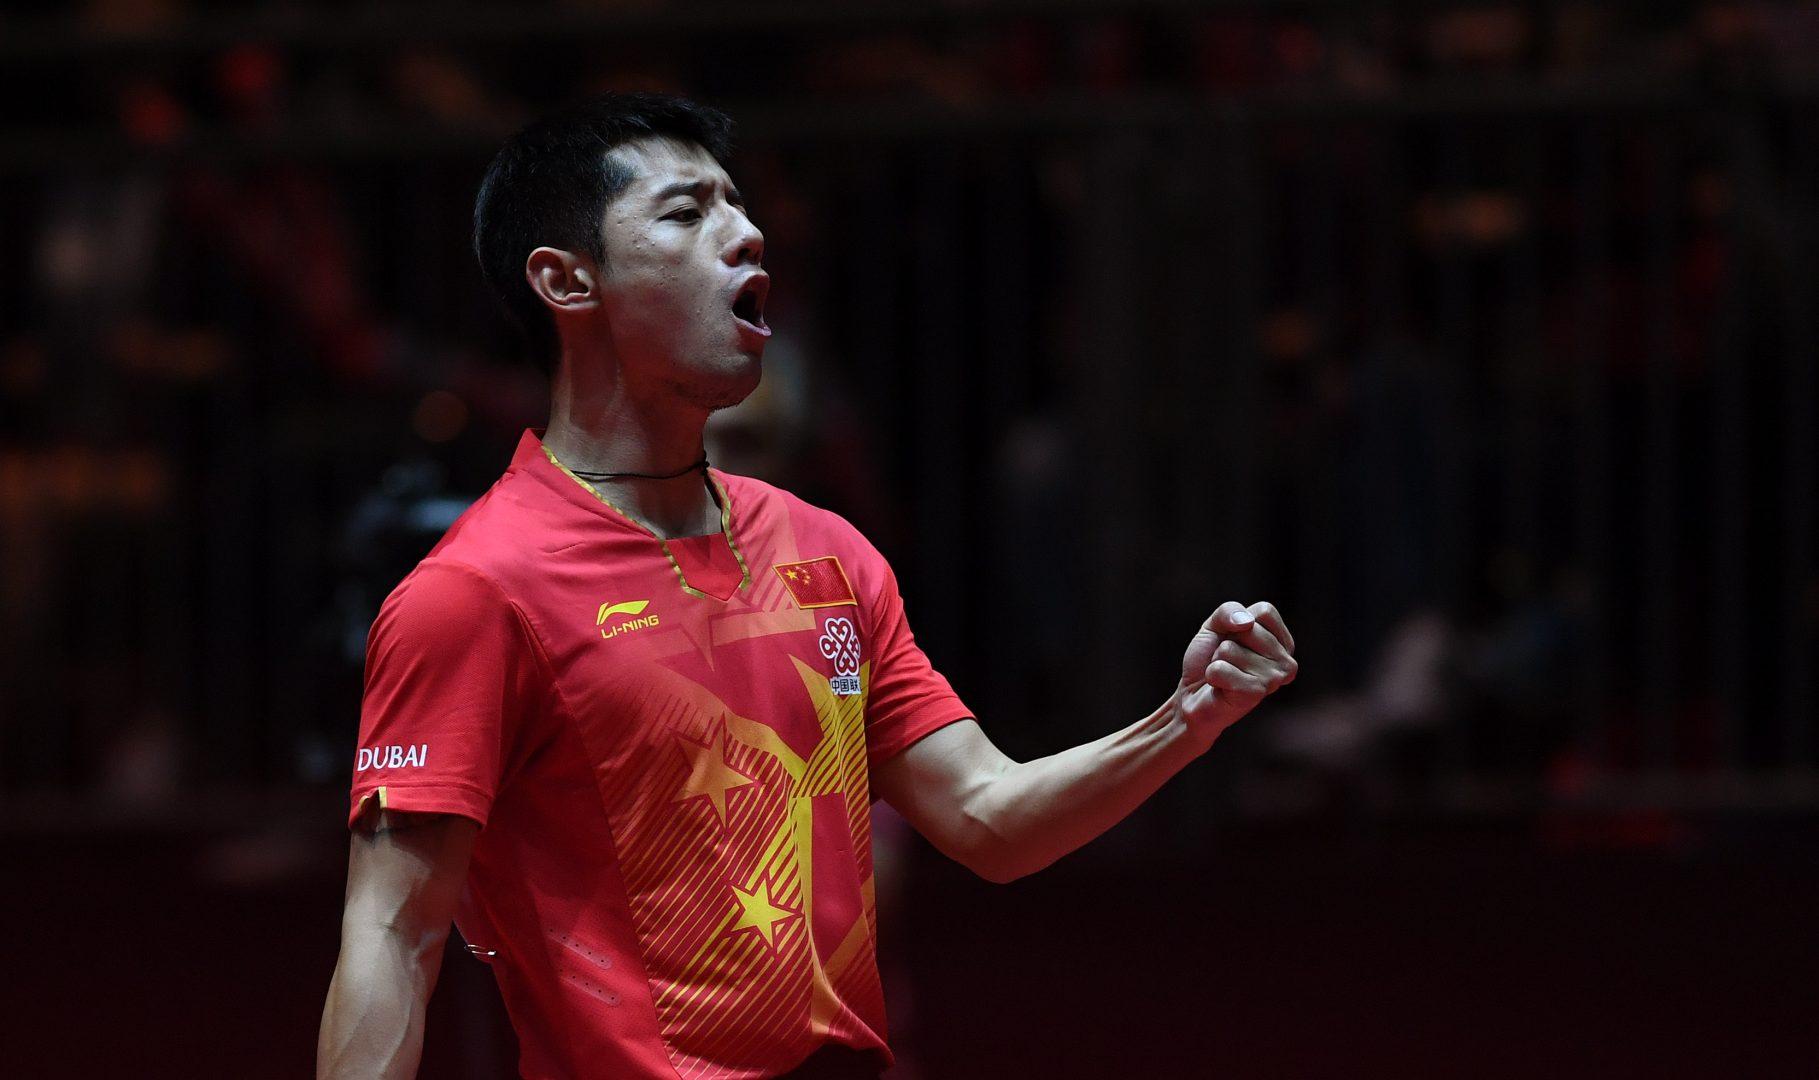 元世界王者の張継科が登場 中国のダークホースに勝利【ITTFワールドツアー・香港オープン男子結果】